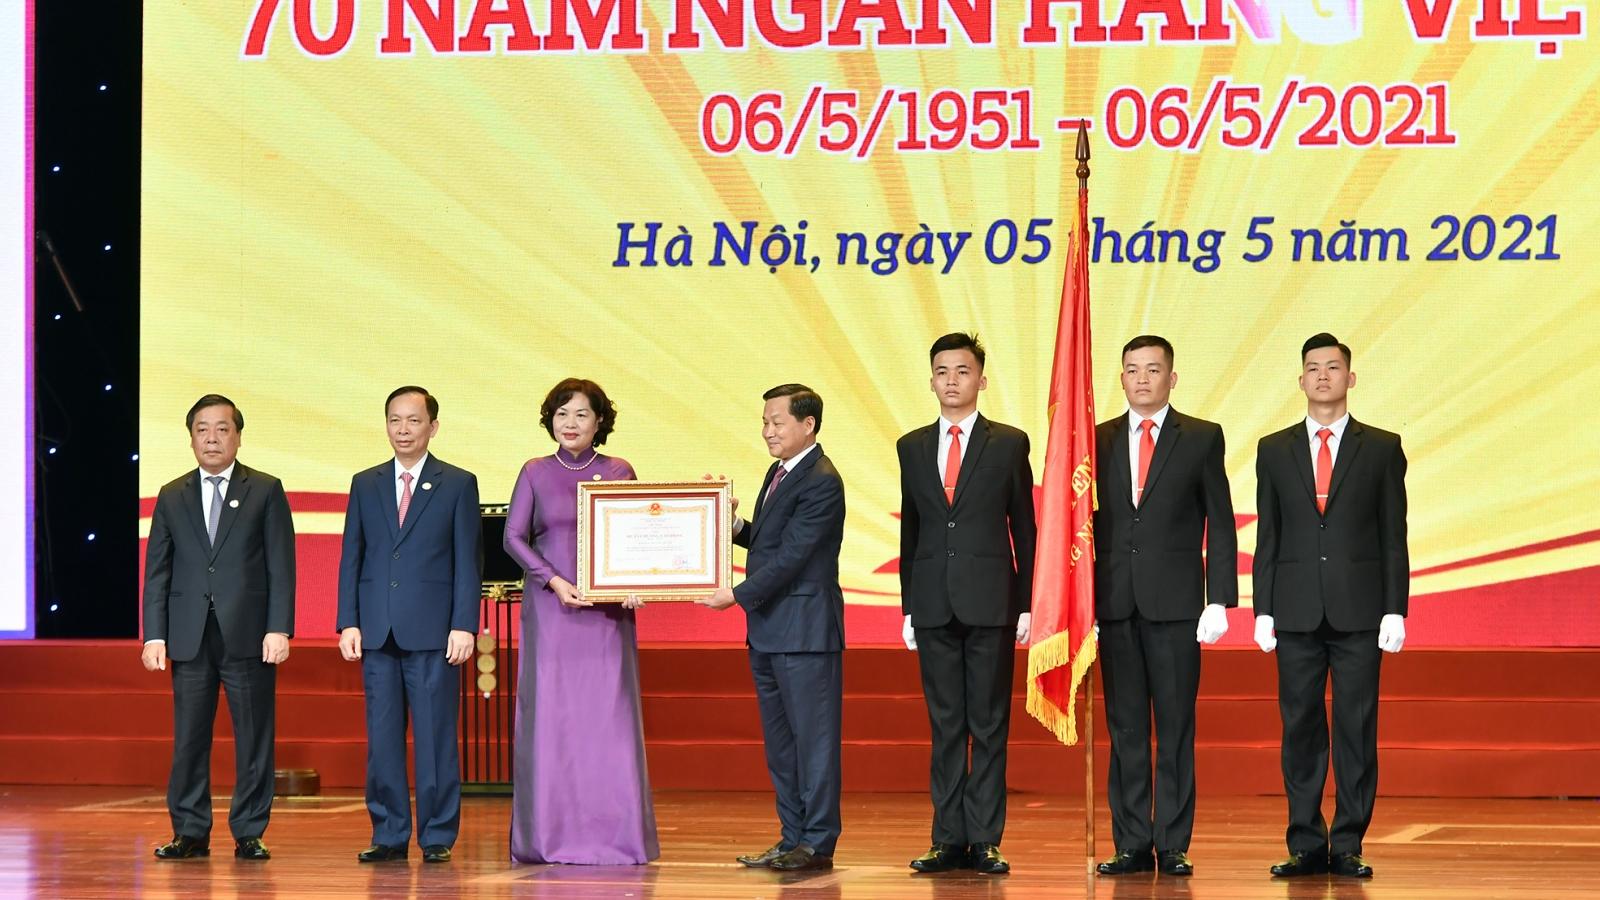 """Tổng Bí thư Nguyễn Phú Trọng: Ngành ngân hàng """"là huyết mạch của nền kinh tế"""""""